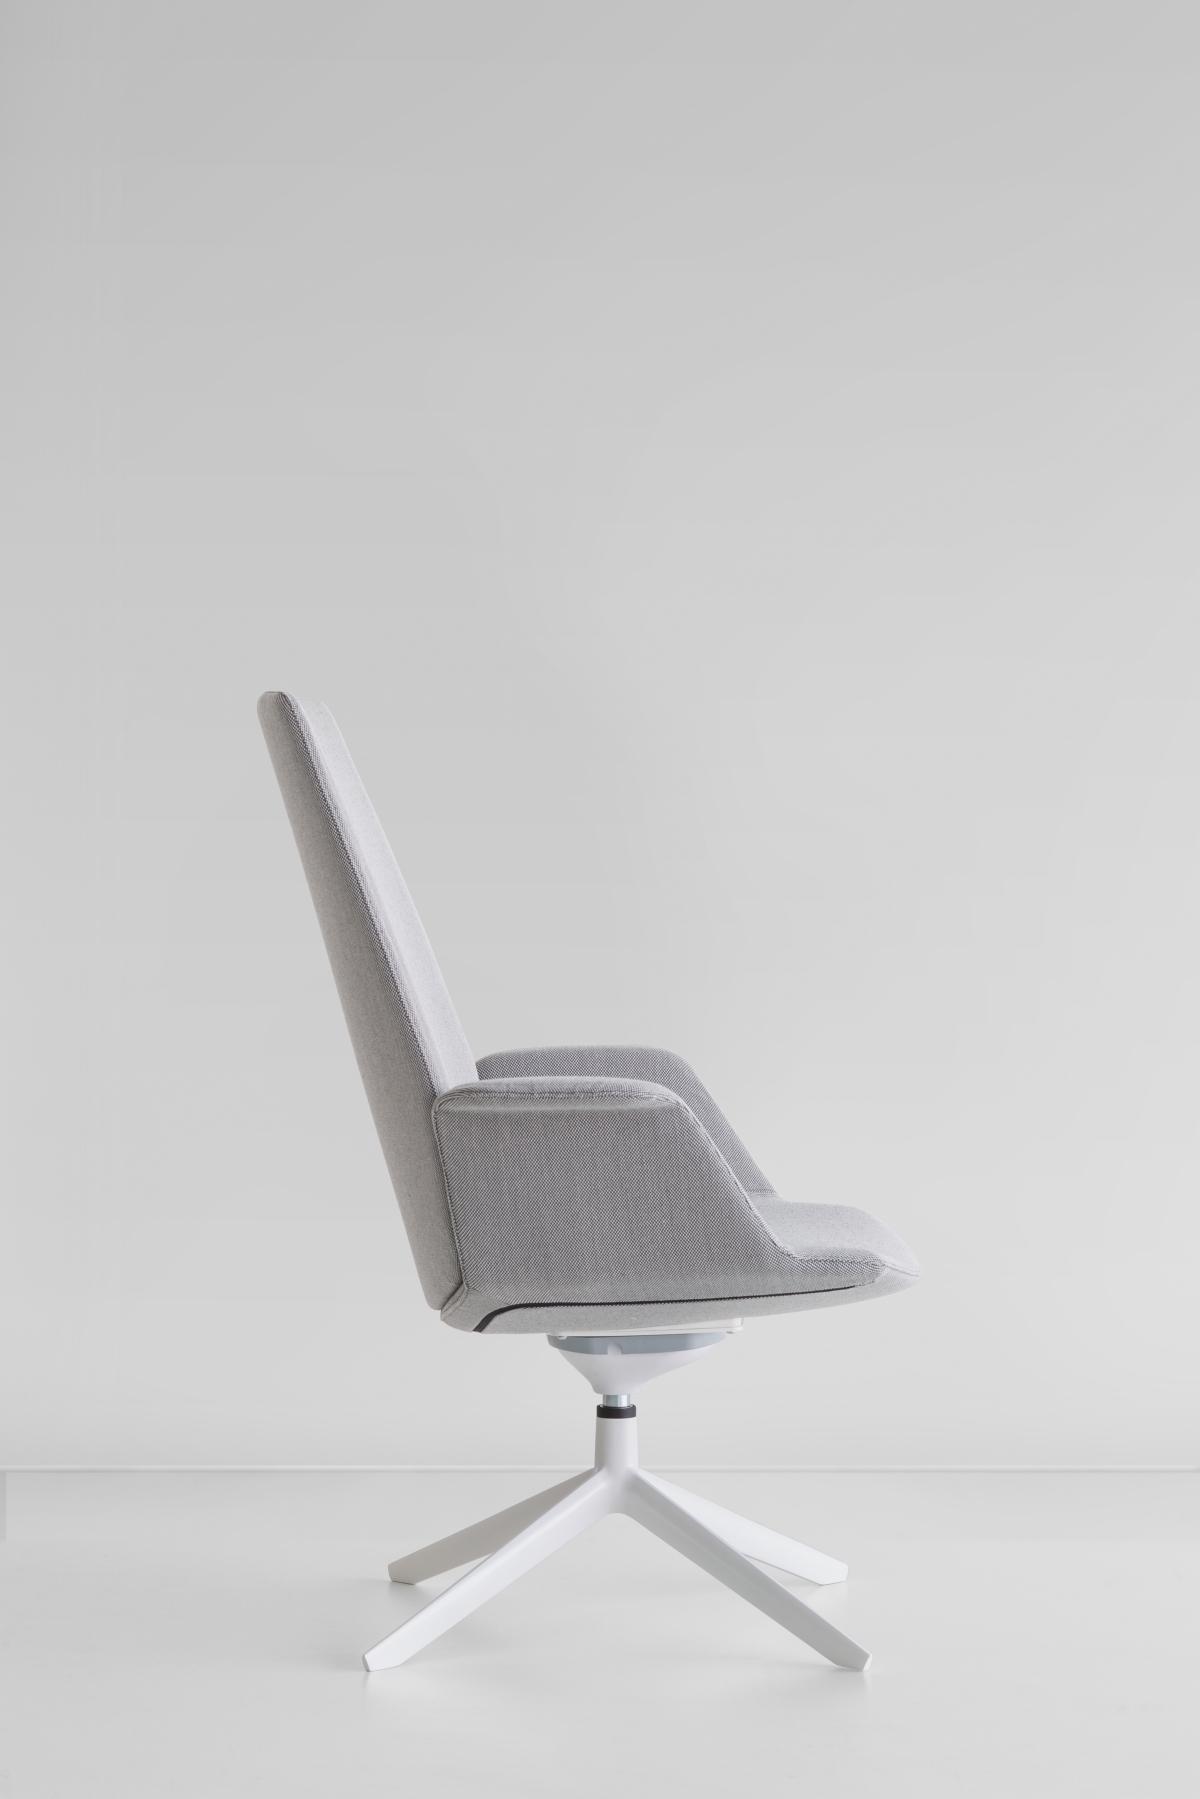 Ein modulares Sitz, Francesco Rota für Lapalma, Seitenansicht